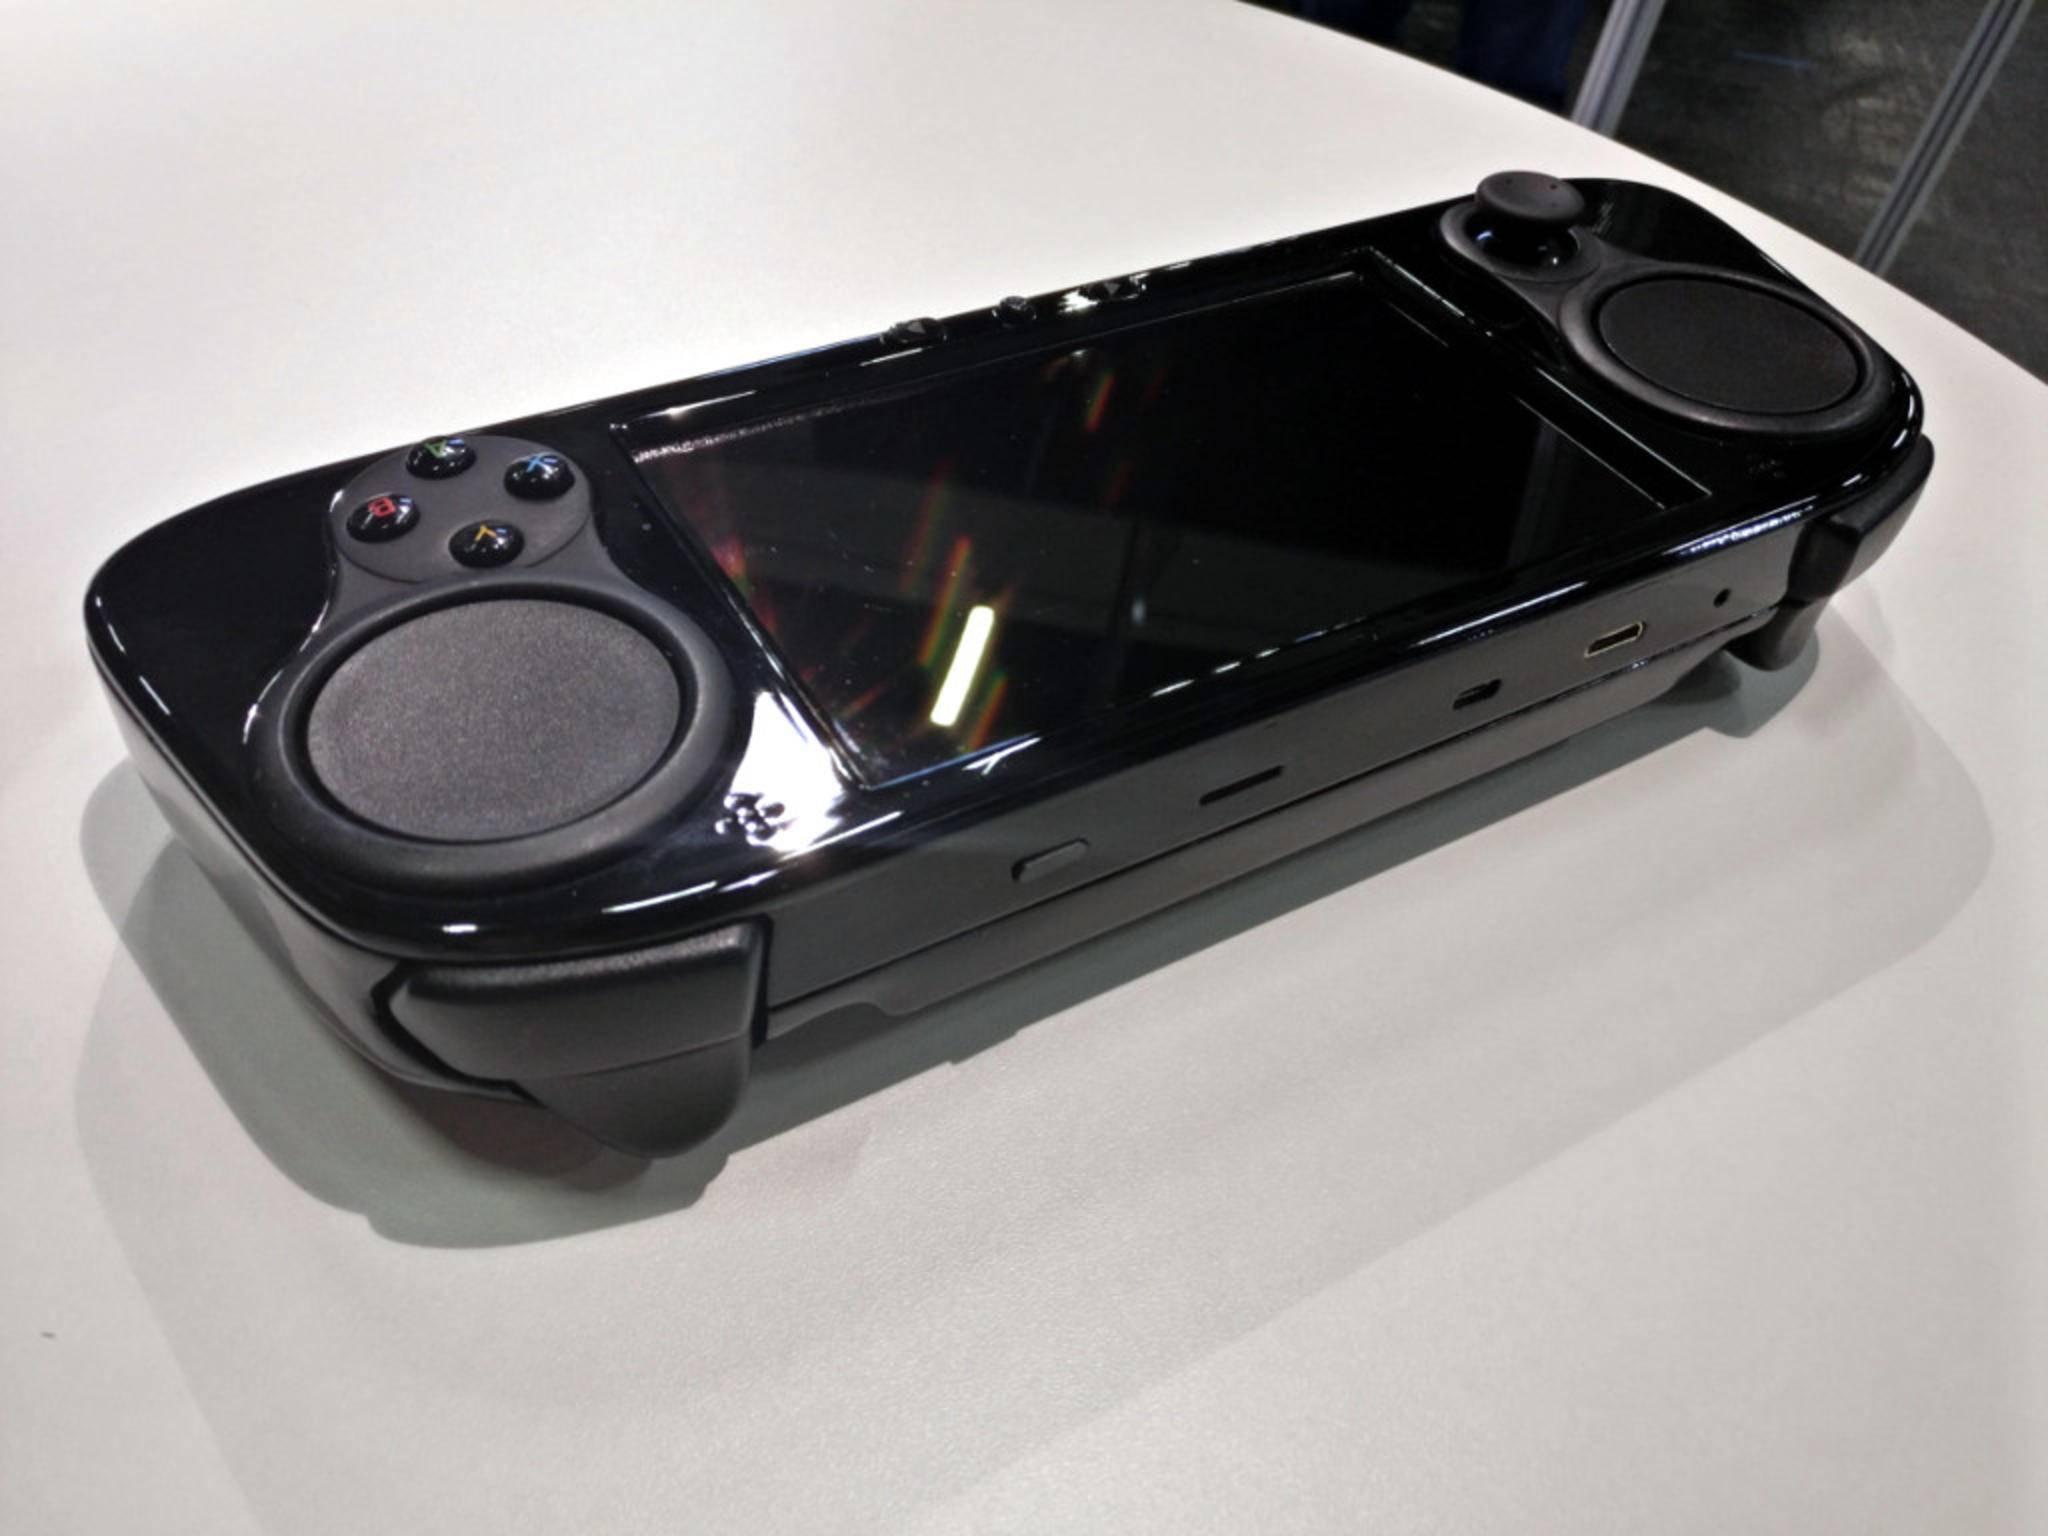 Der SMACH Z bietet einen Kopfhörereingang, einen USB-C-Anschluss und einen HDMI-Ausgang.